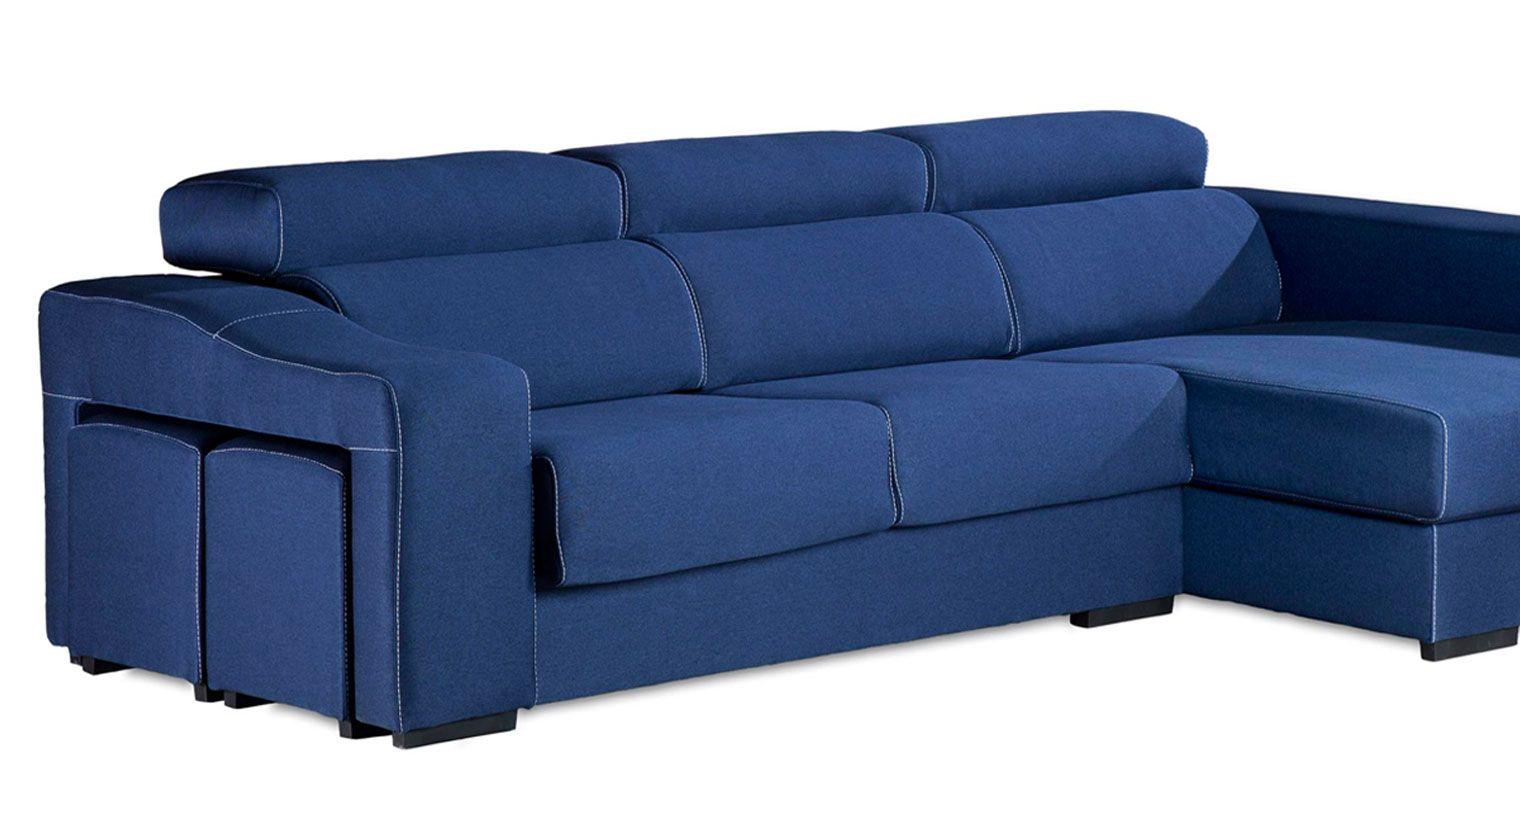 Comprar chaise longue bilbo mod 4 5 plazas chaise longue for Chaise longue 4 plazas baratos